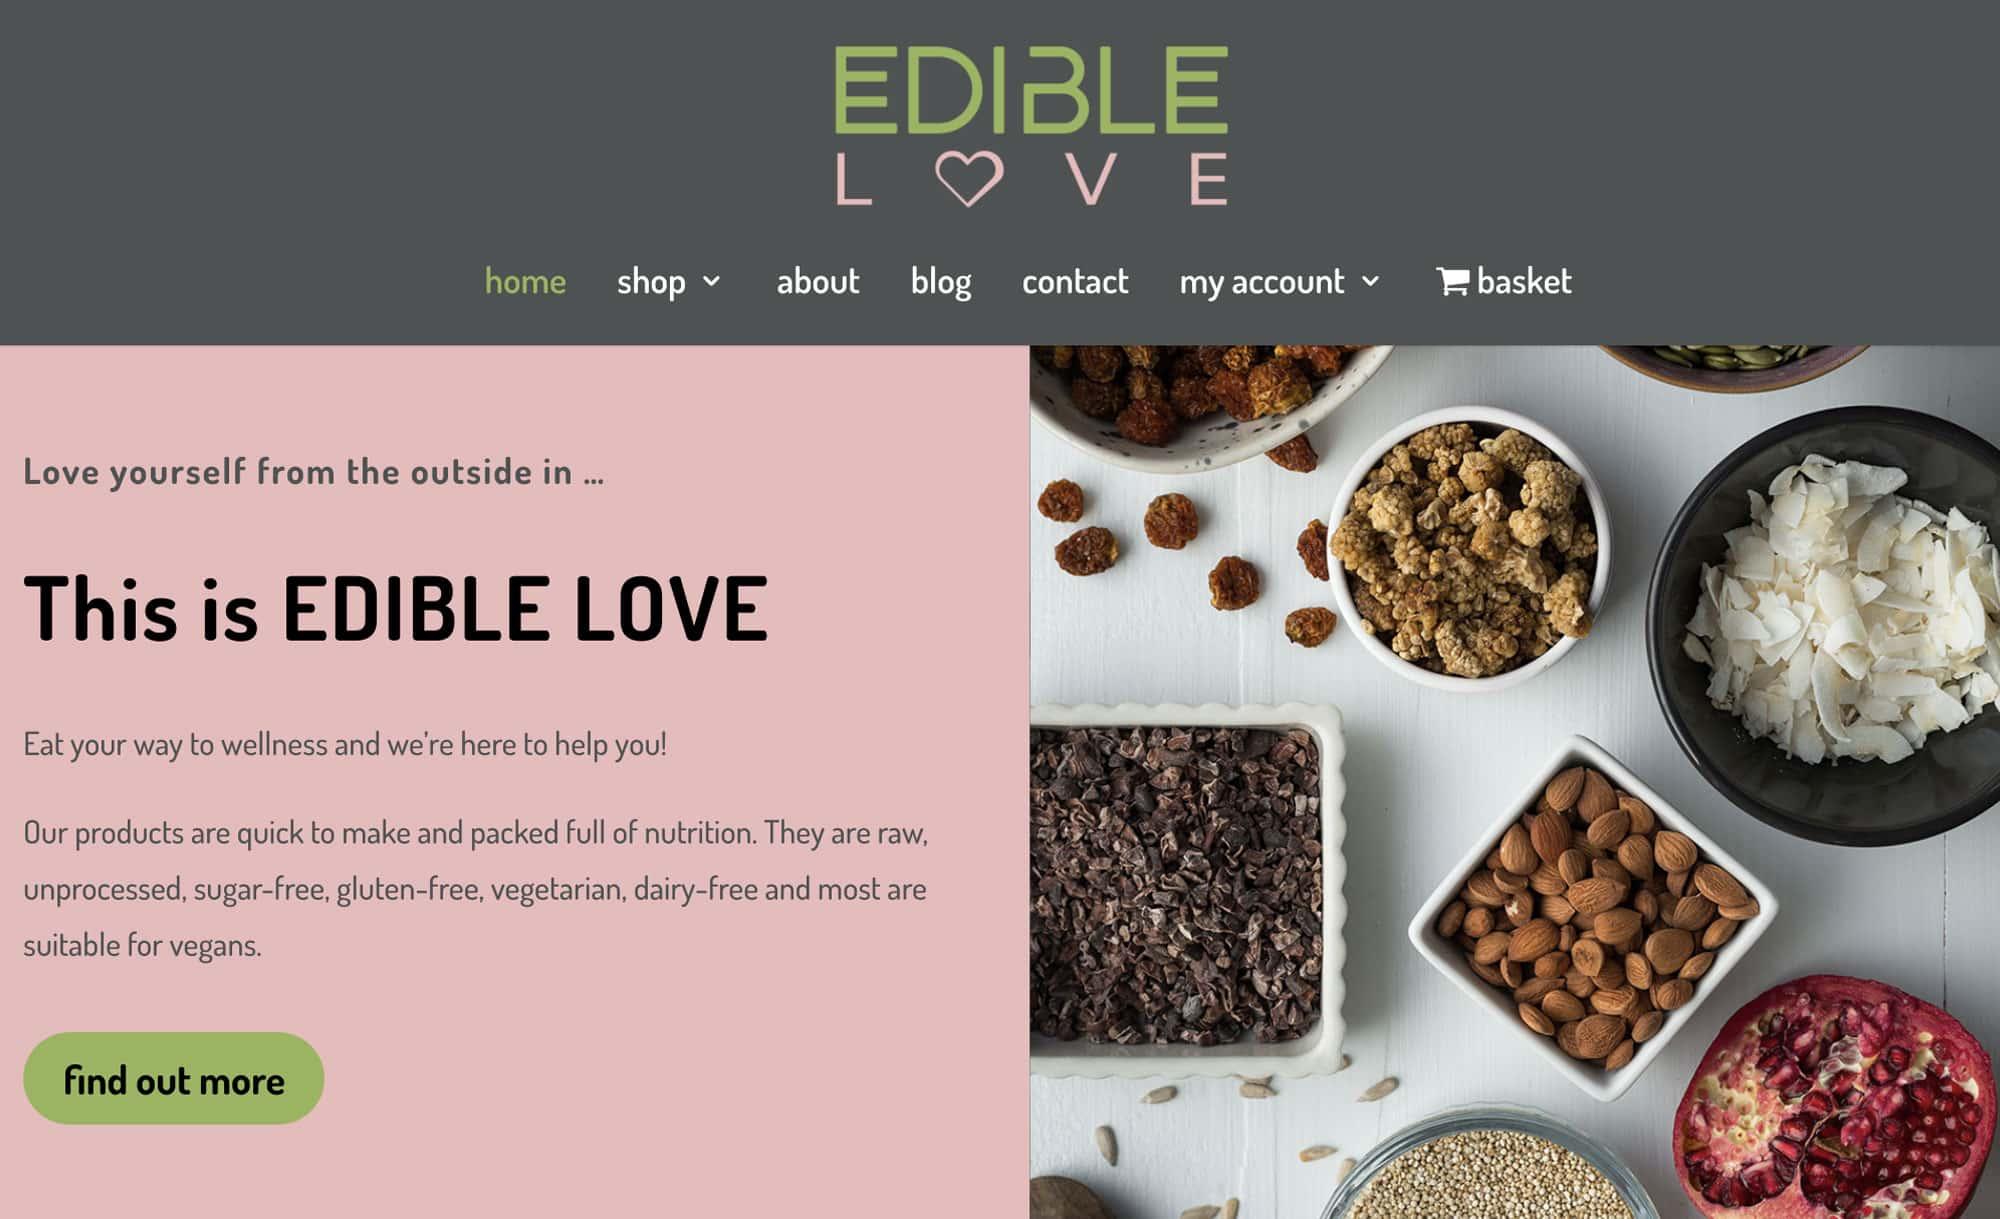 Edible Love website homepage